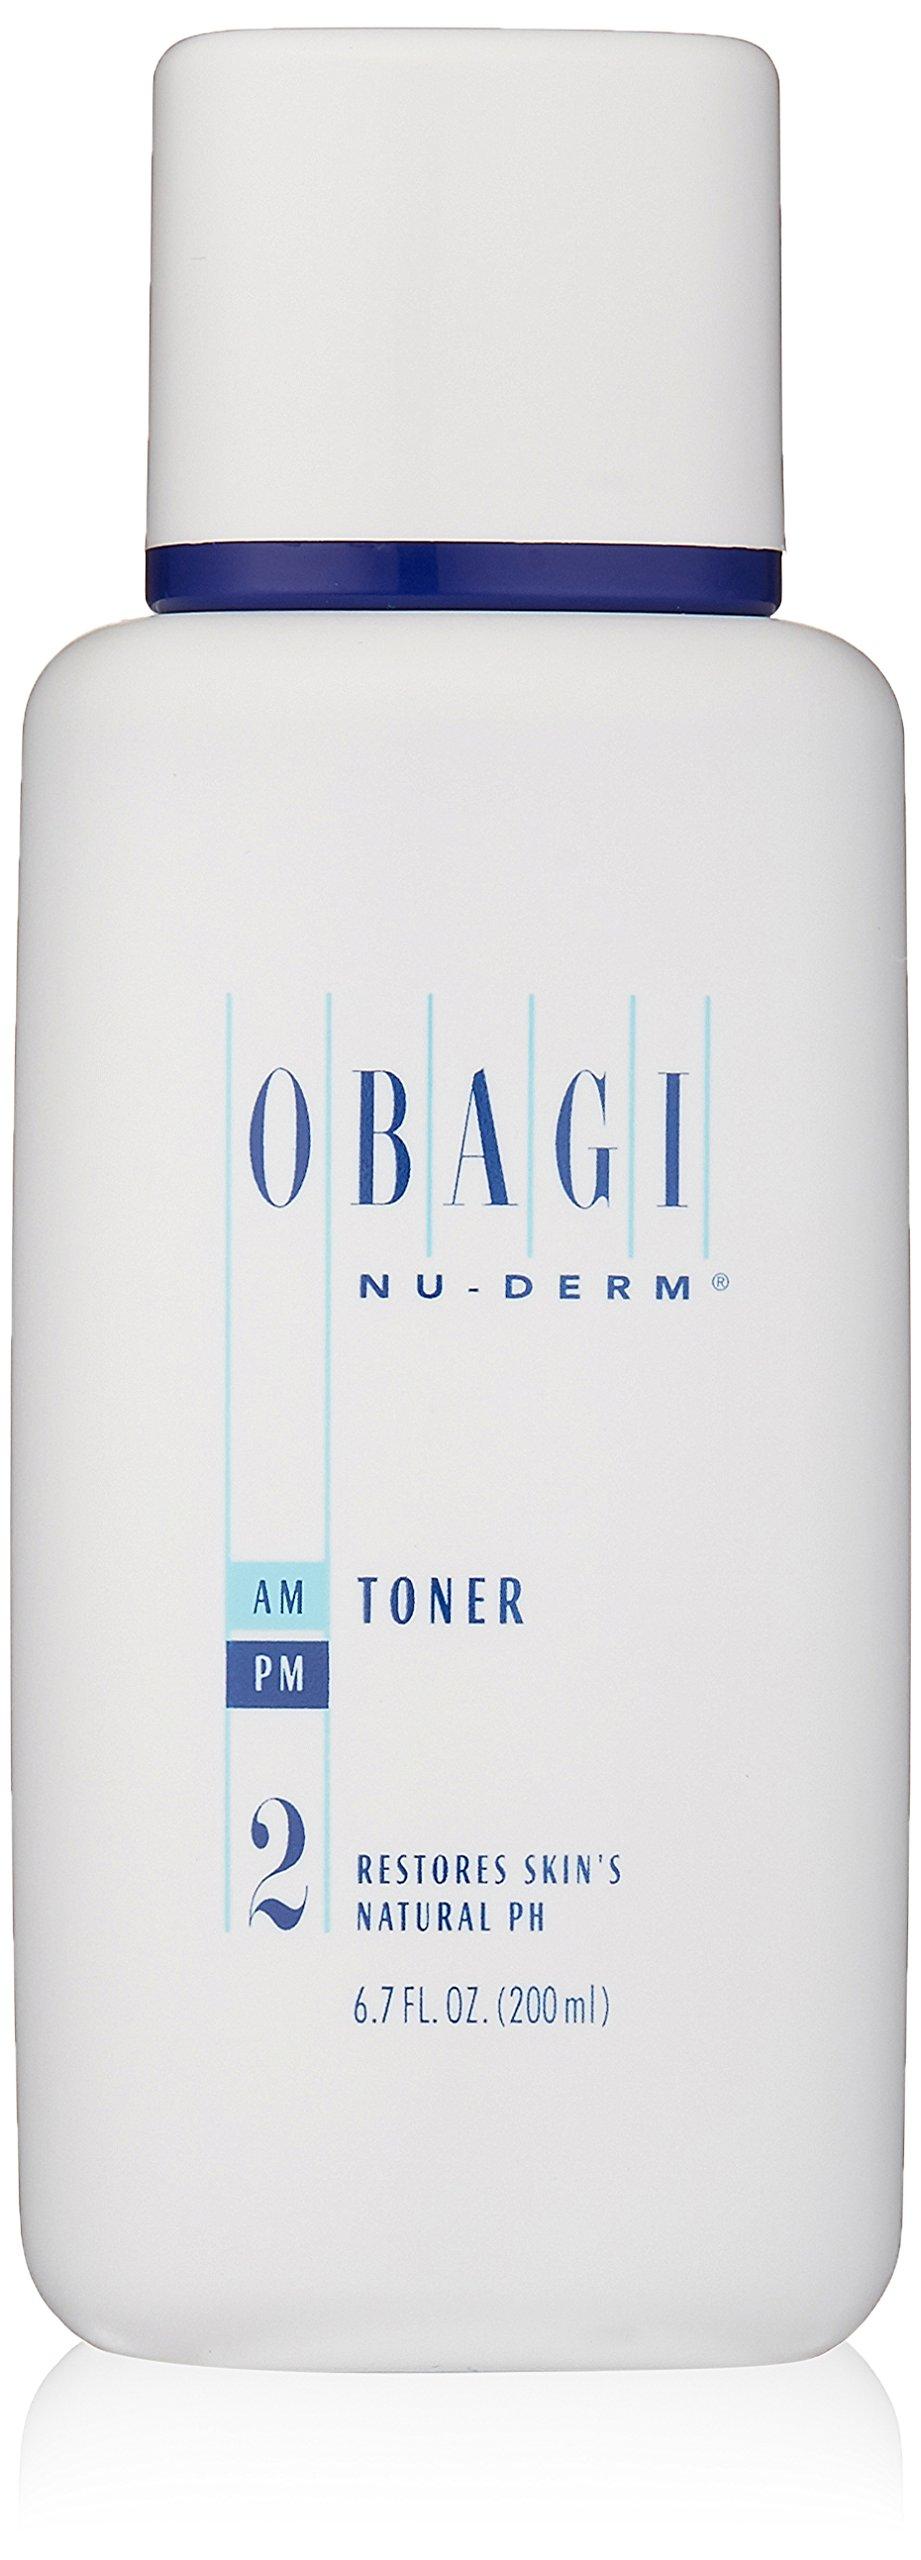 Obagi Nu-Derm Toner, 6.7 Fl Oz by Obagi Medical